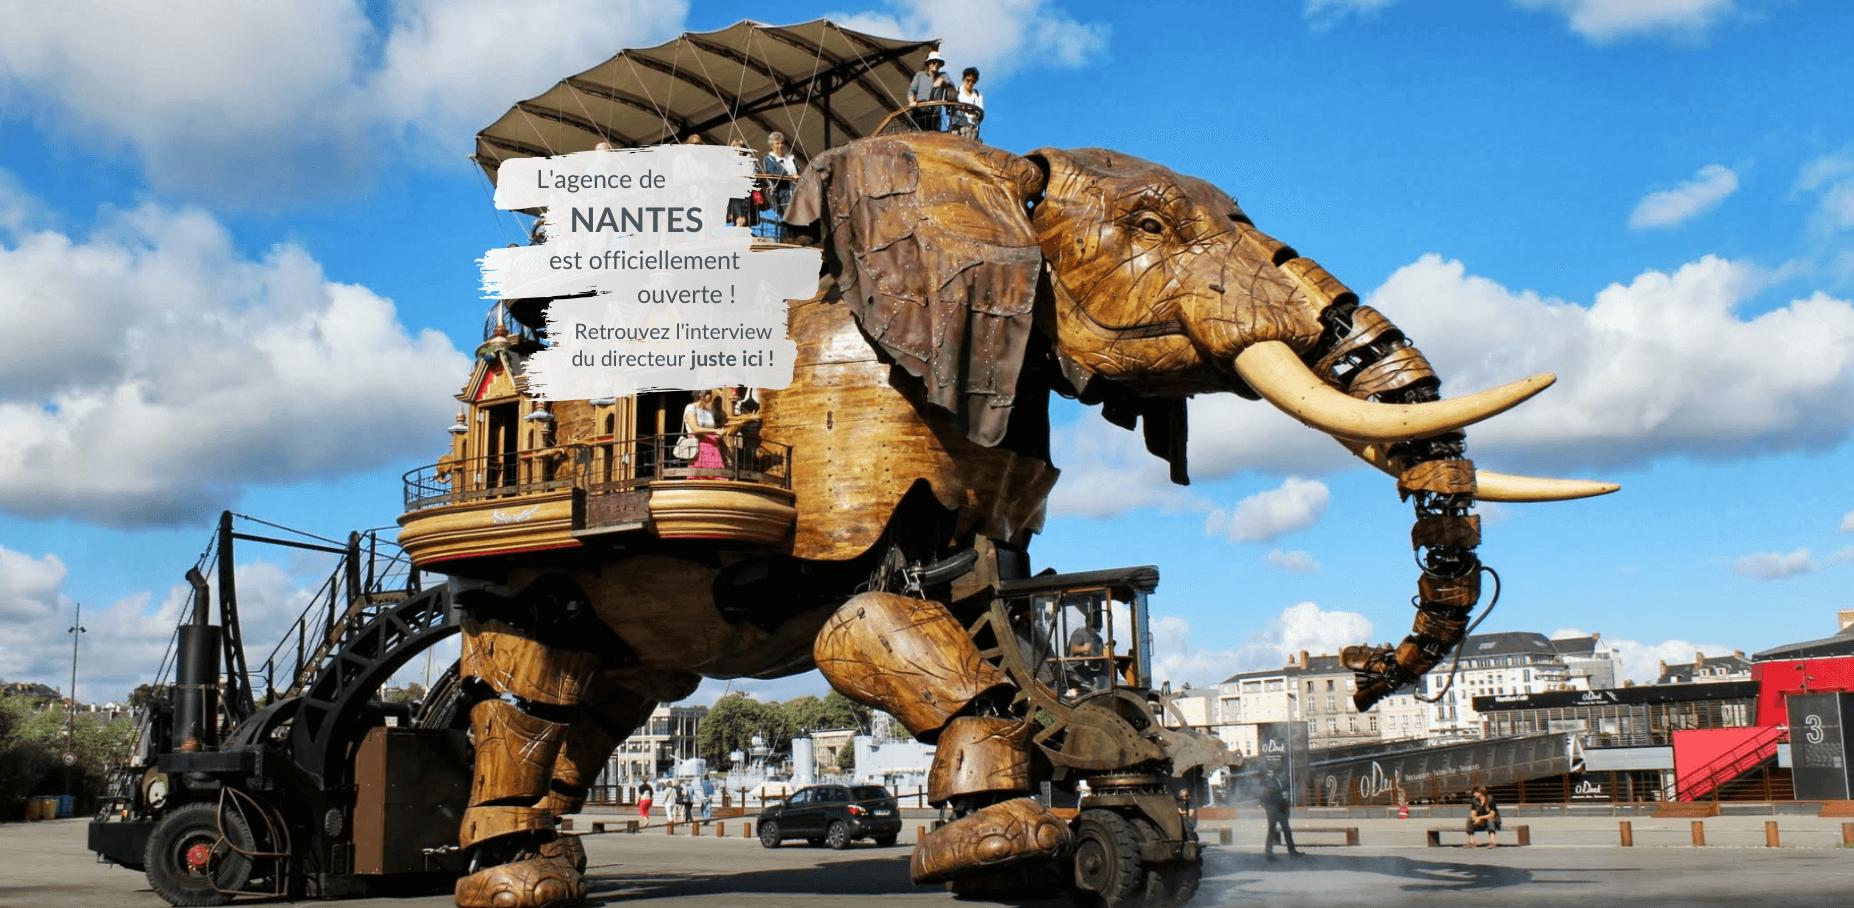 L'agence de Nantes est ouverte